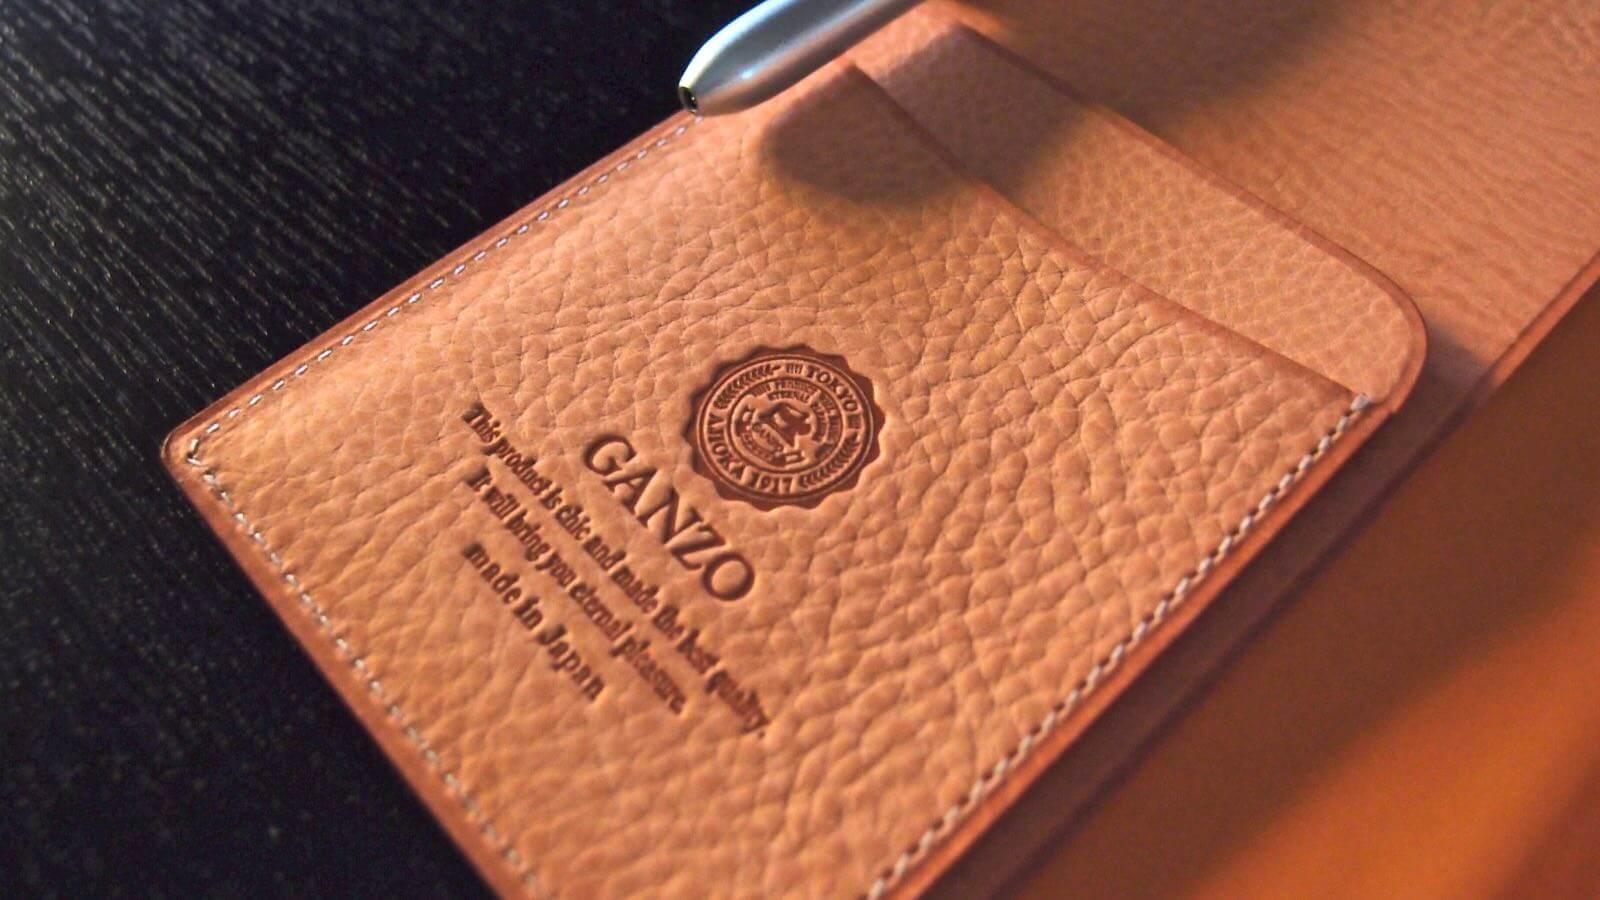 0097 Ganzo note cover liner Badarassi carlo minerva box 05